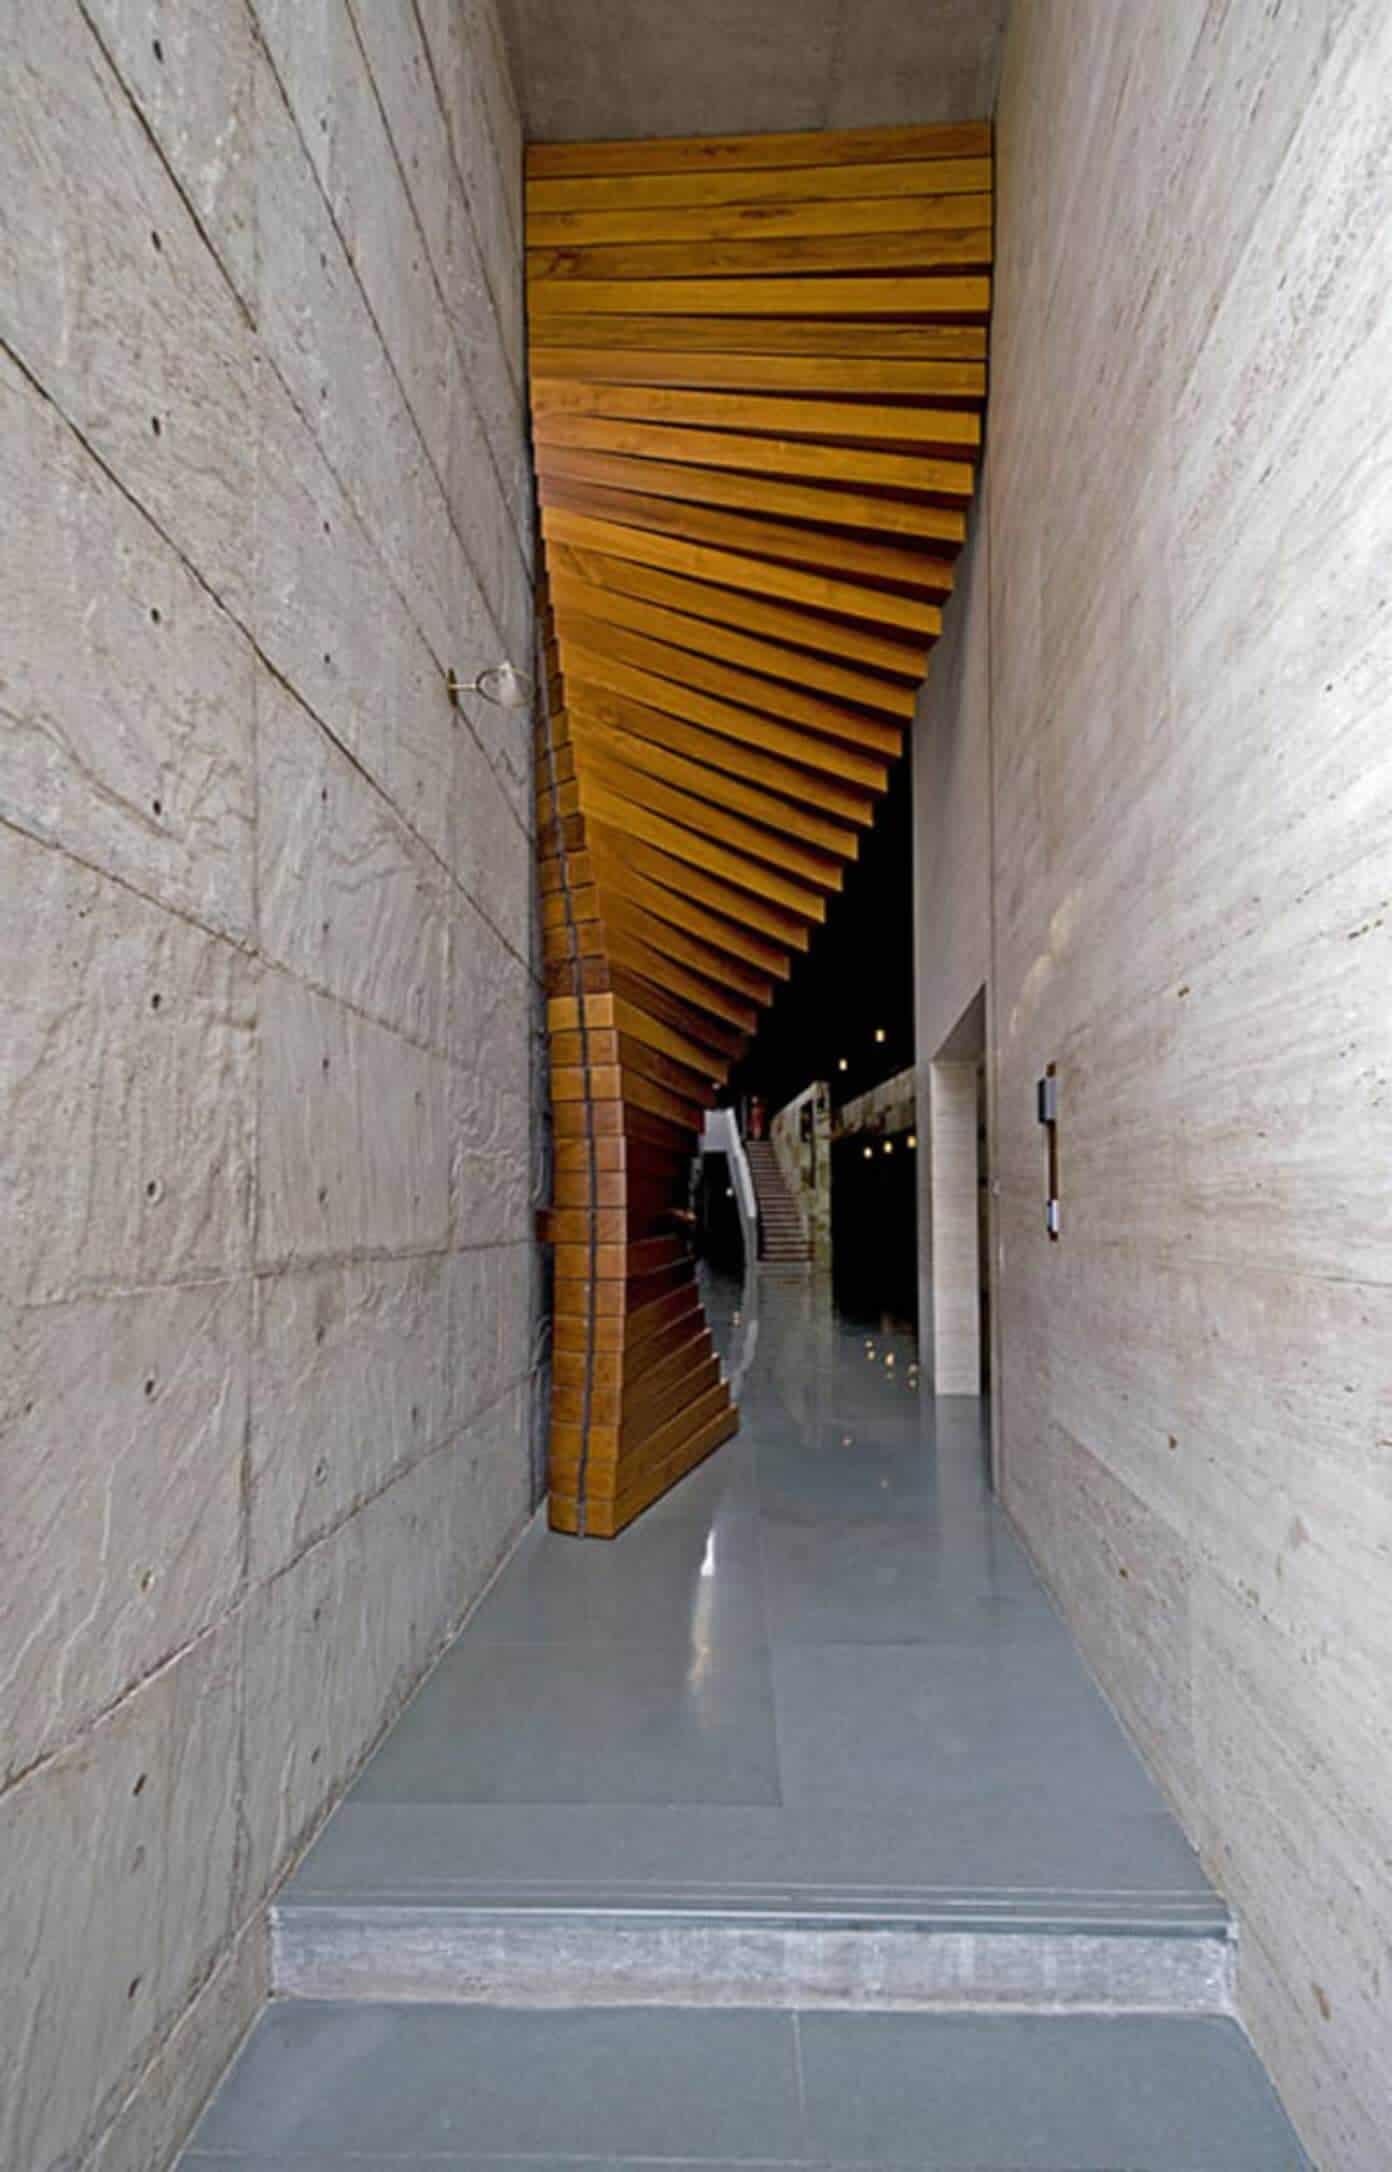 oversized front door designs made with wood planks, modern door designs